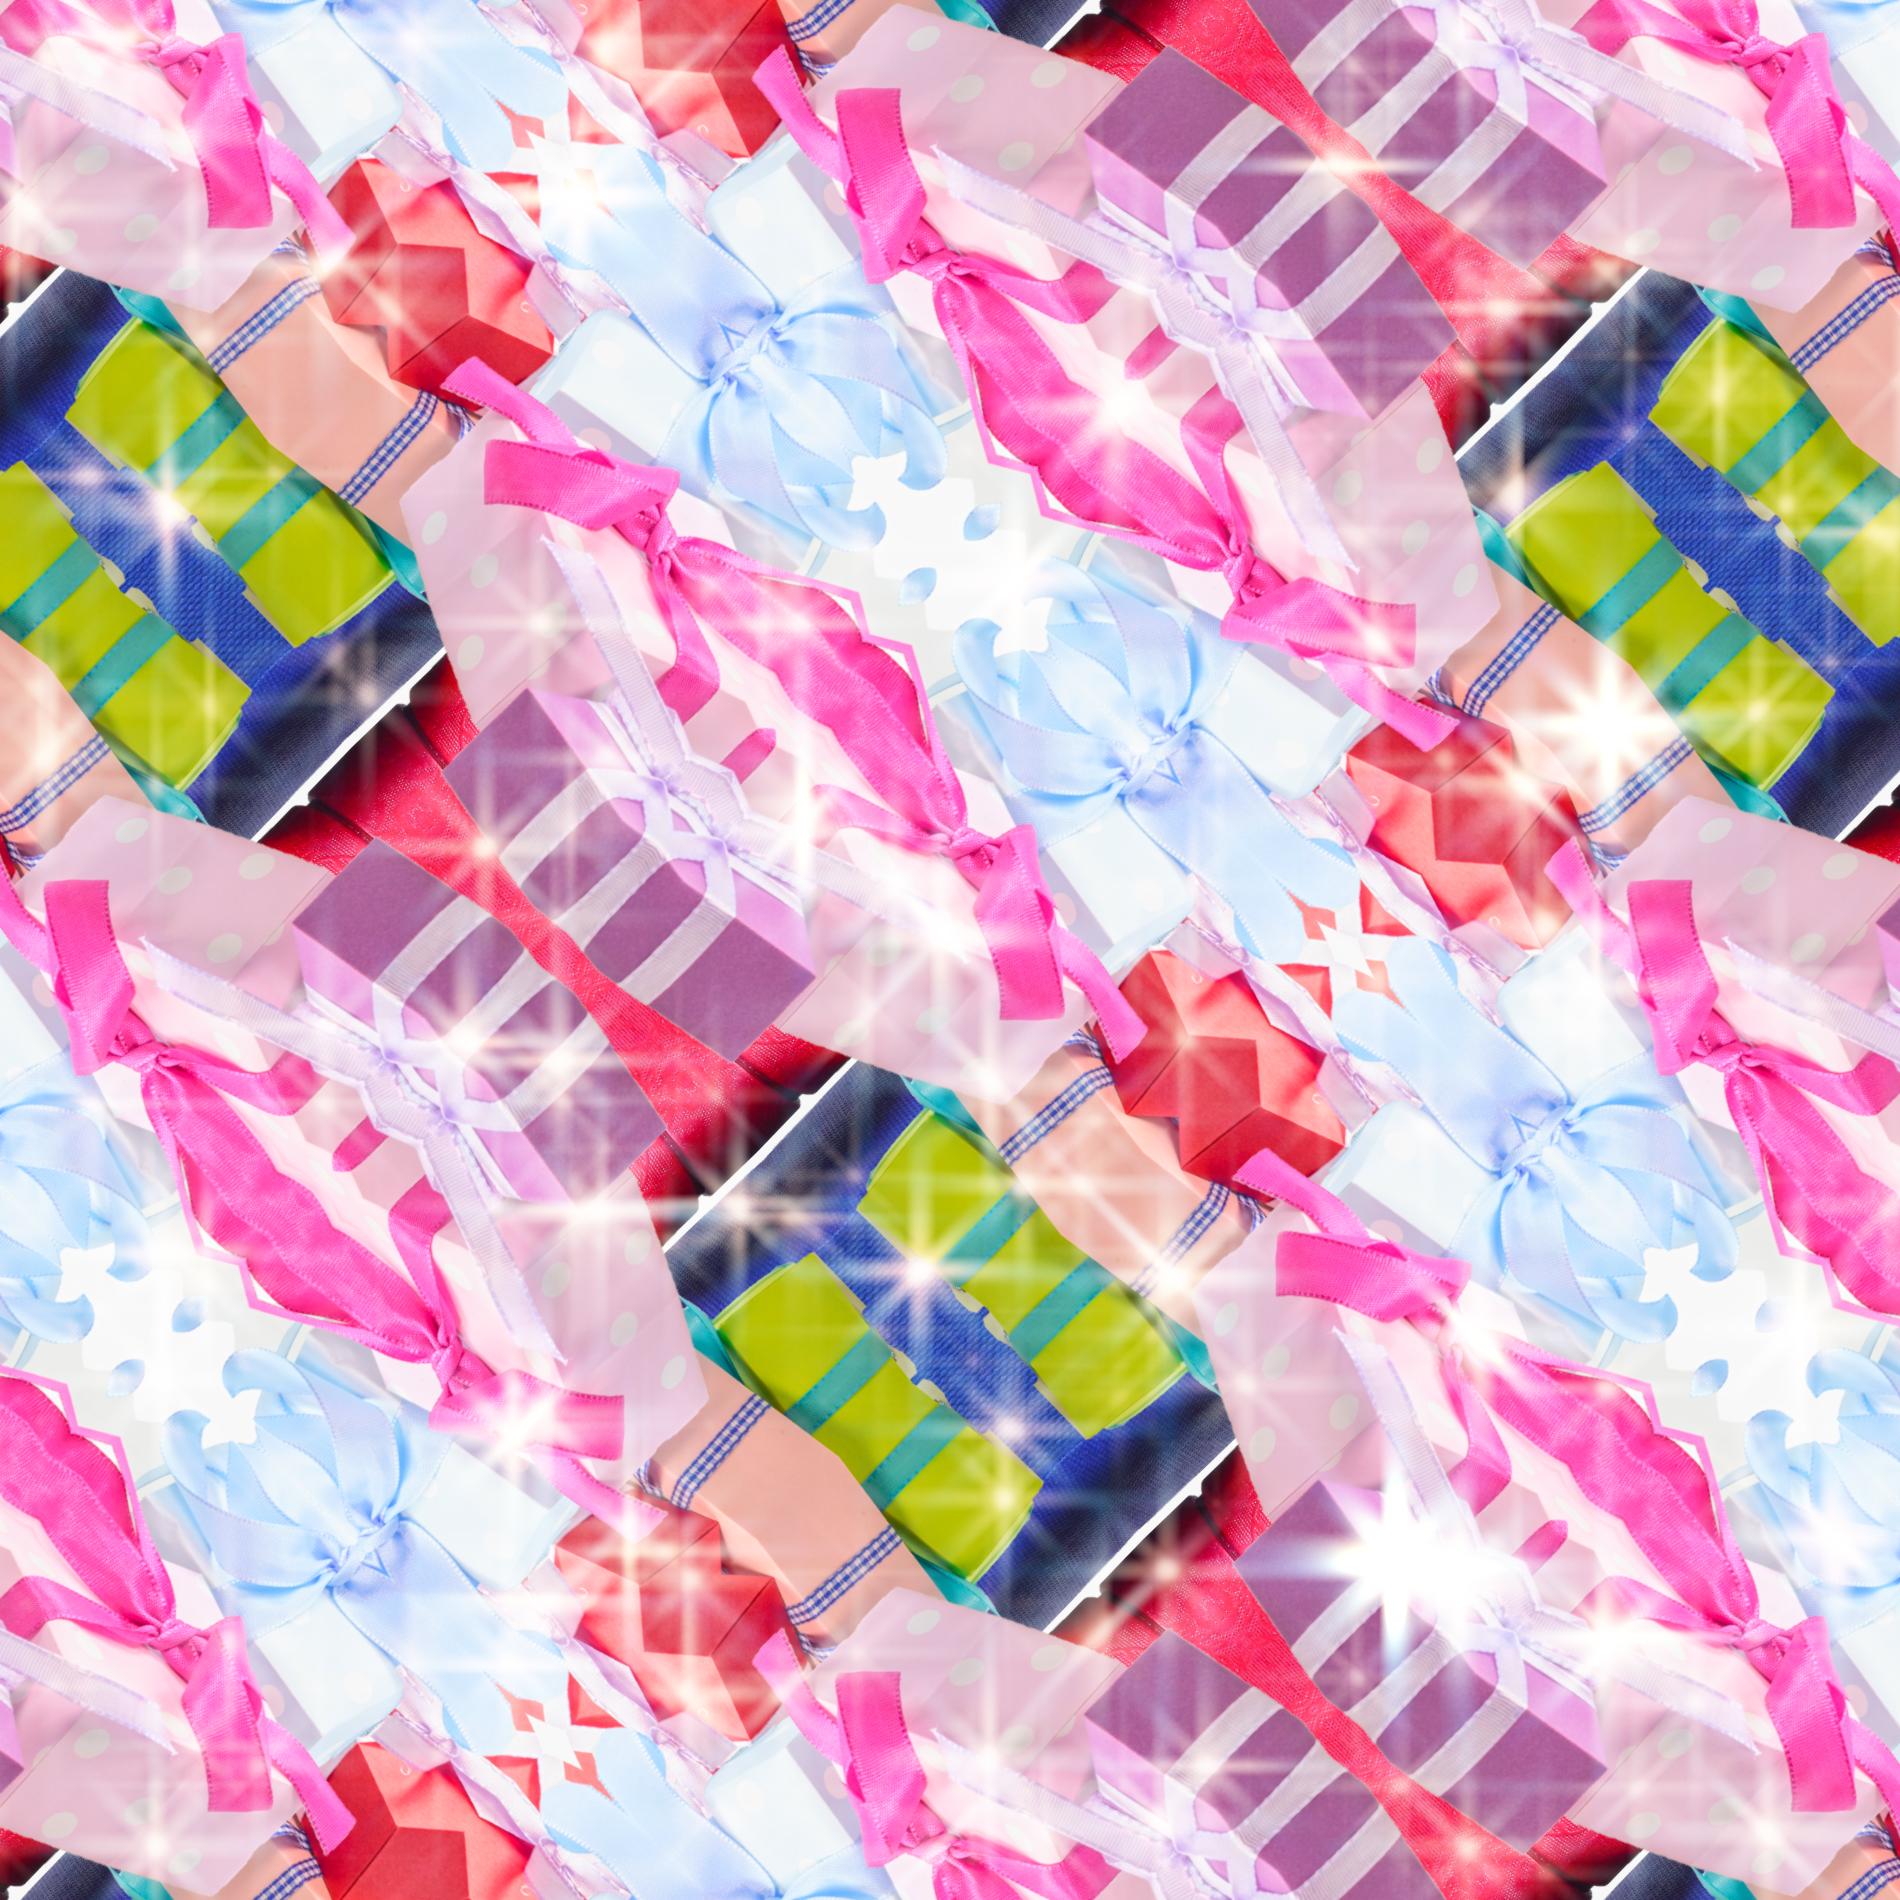 かわいいプレゼントボックス&カラフルパターン:キラキラ